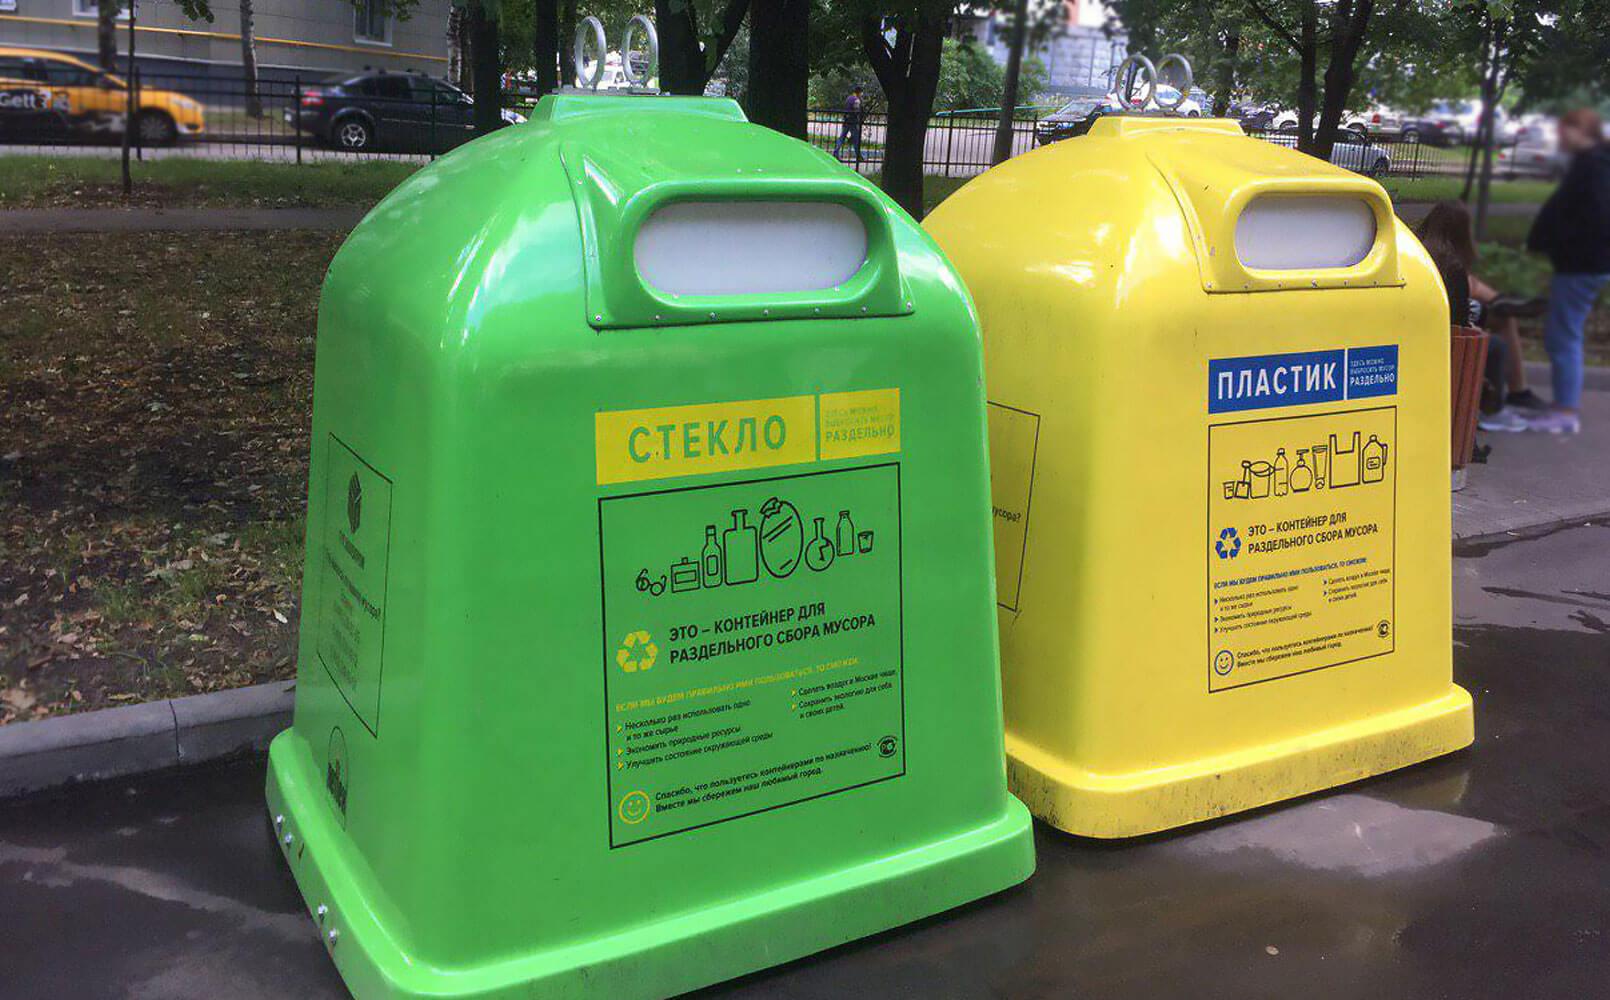 Контейнеры в городе для сортировки мусора появились